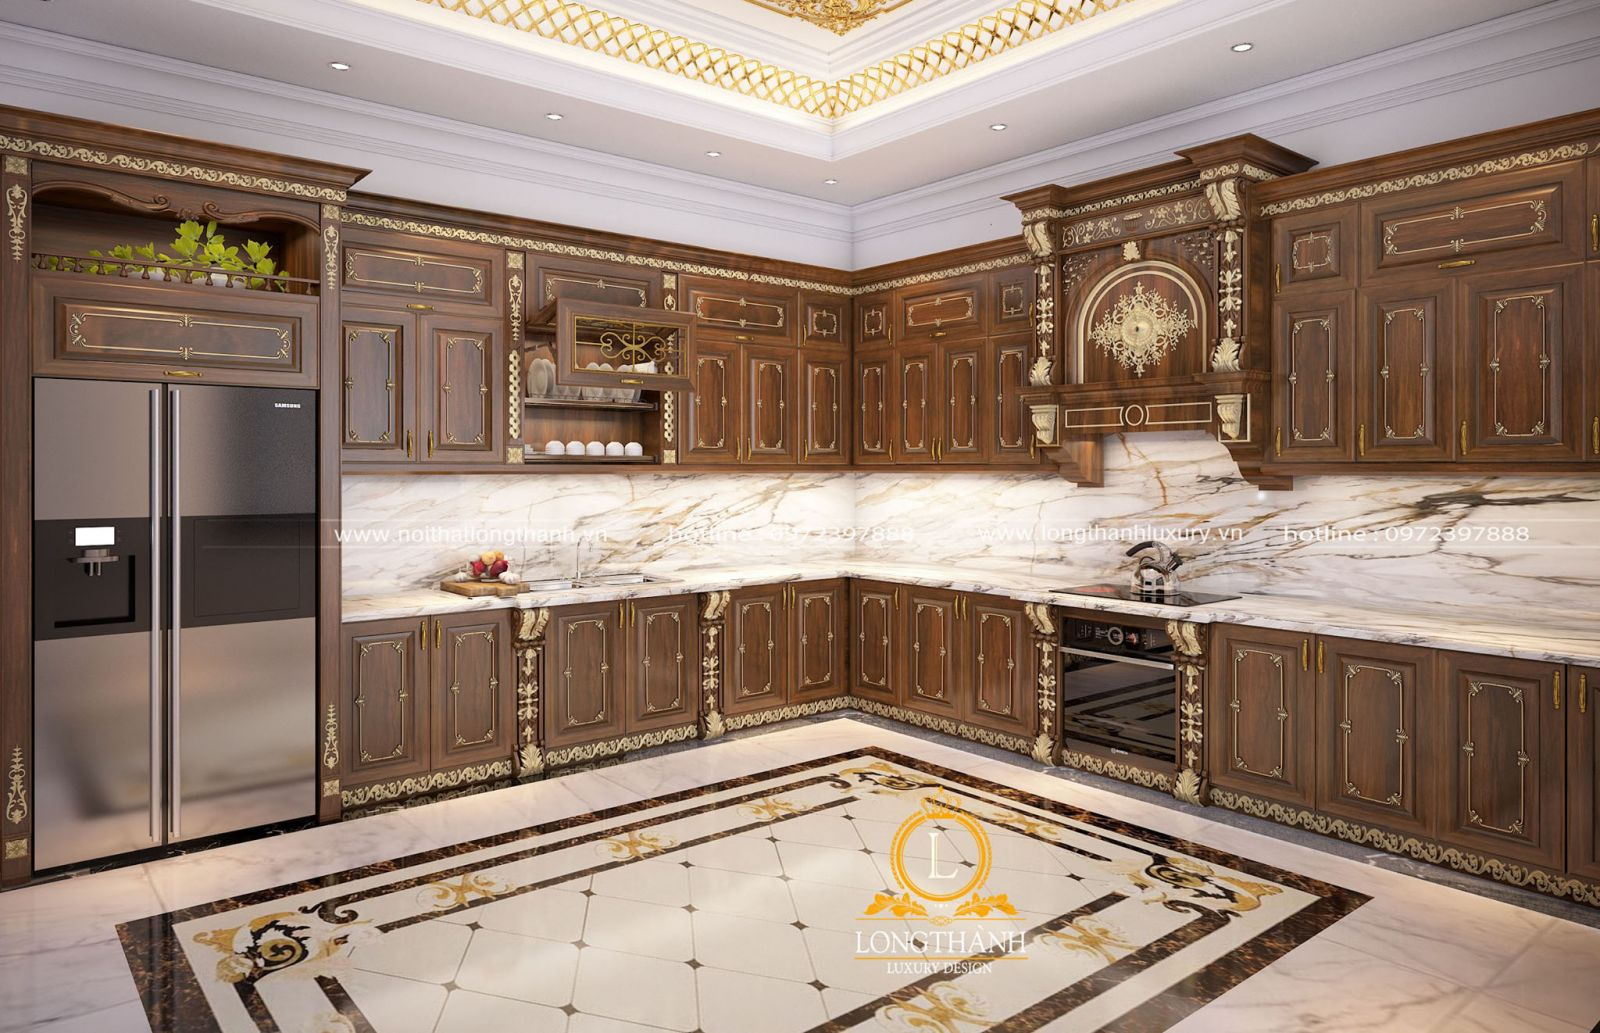 Tủ bếp tân cổ điển chữ L cho biệt thự rộng